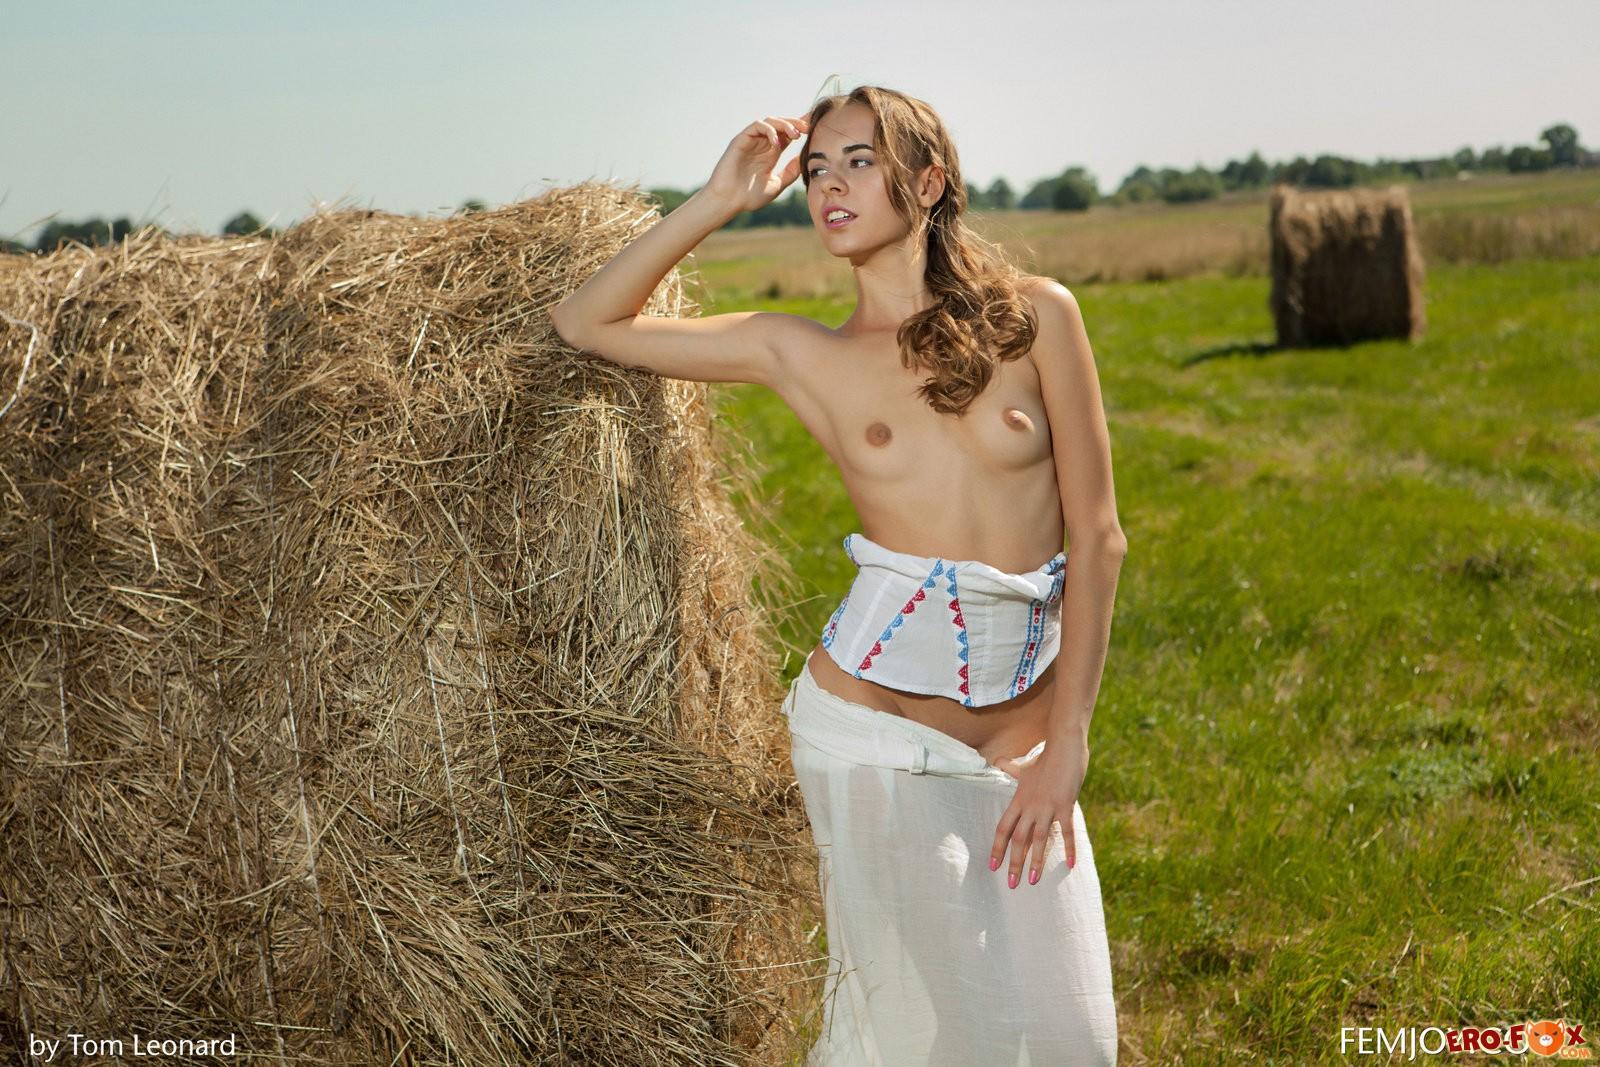 Деревенская голая девушка в поле у сена